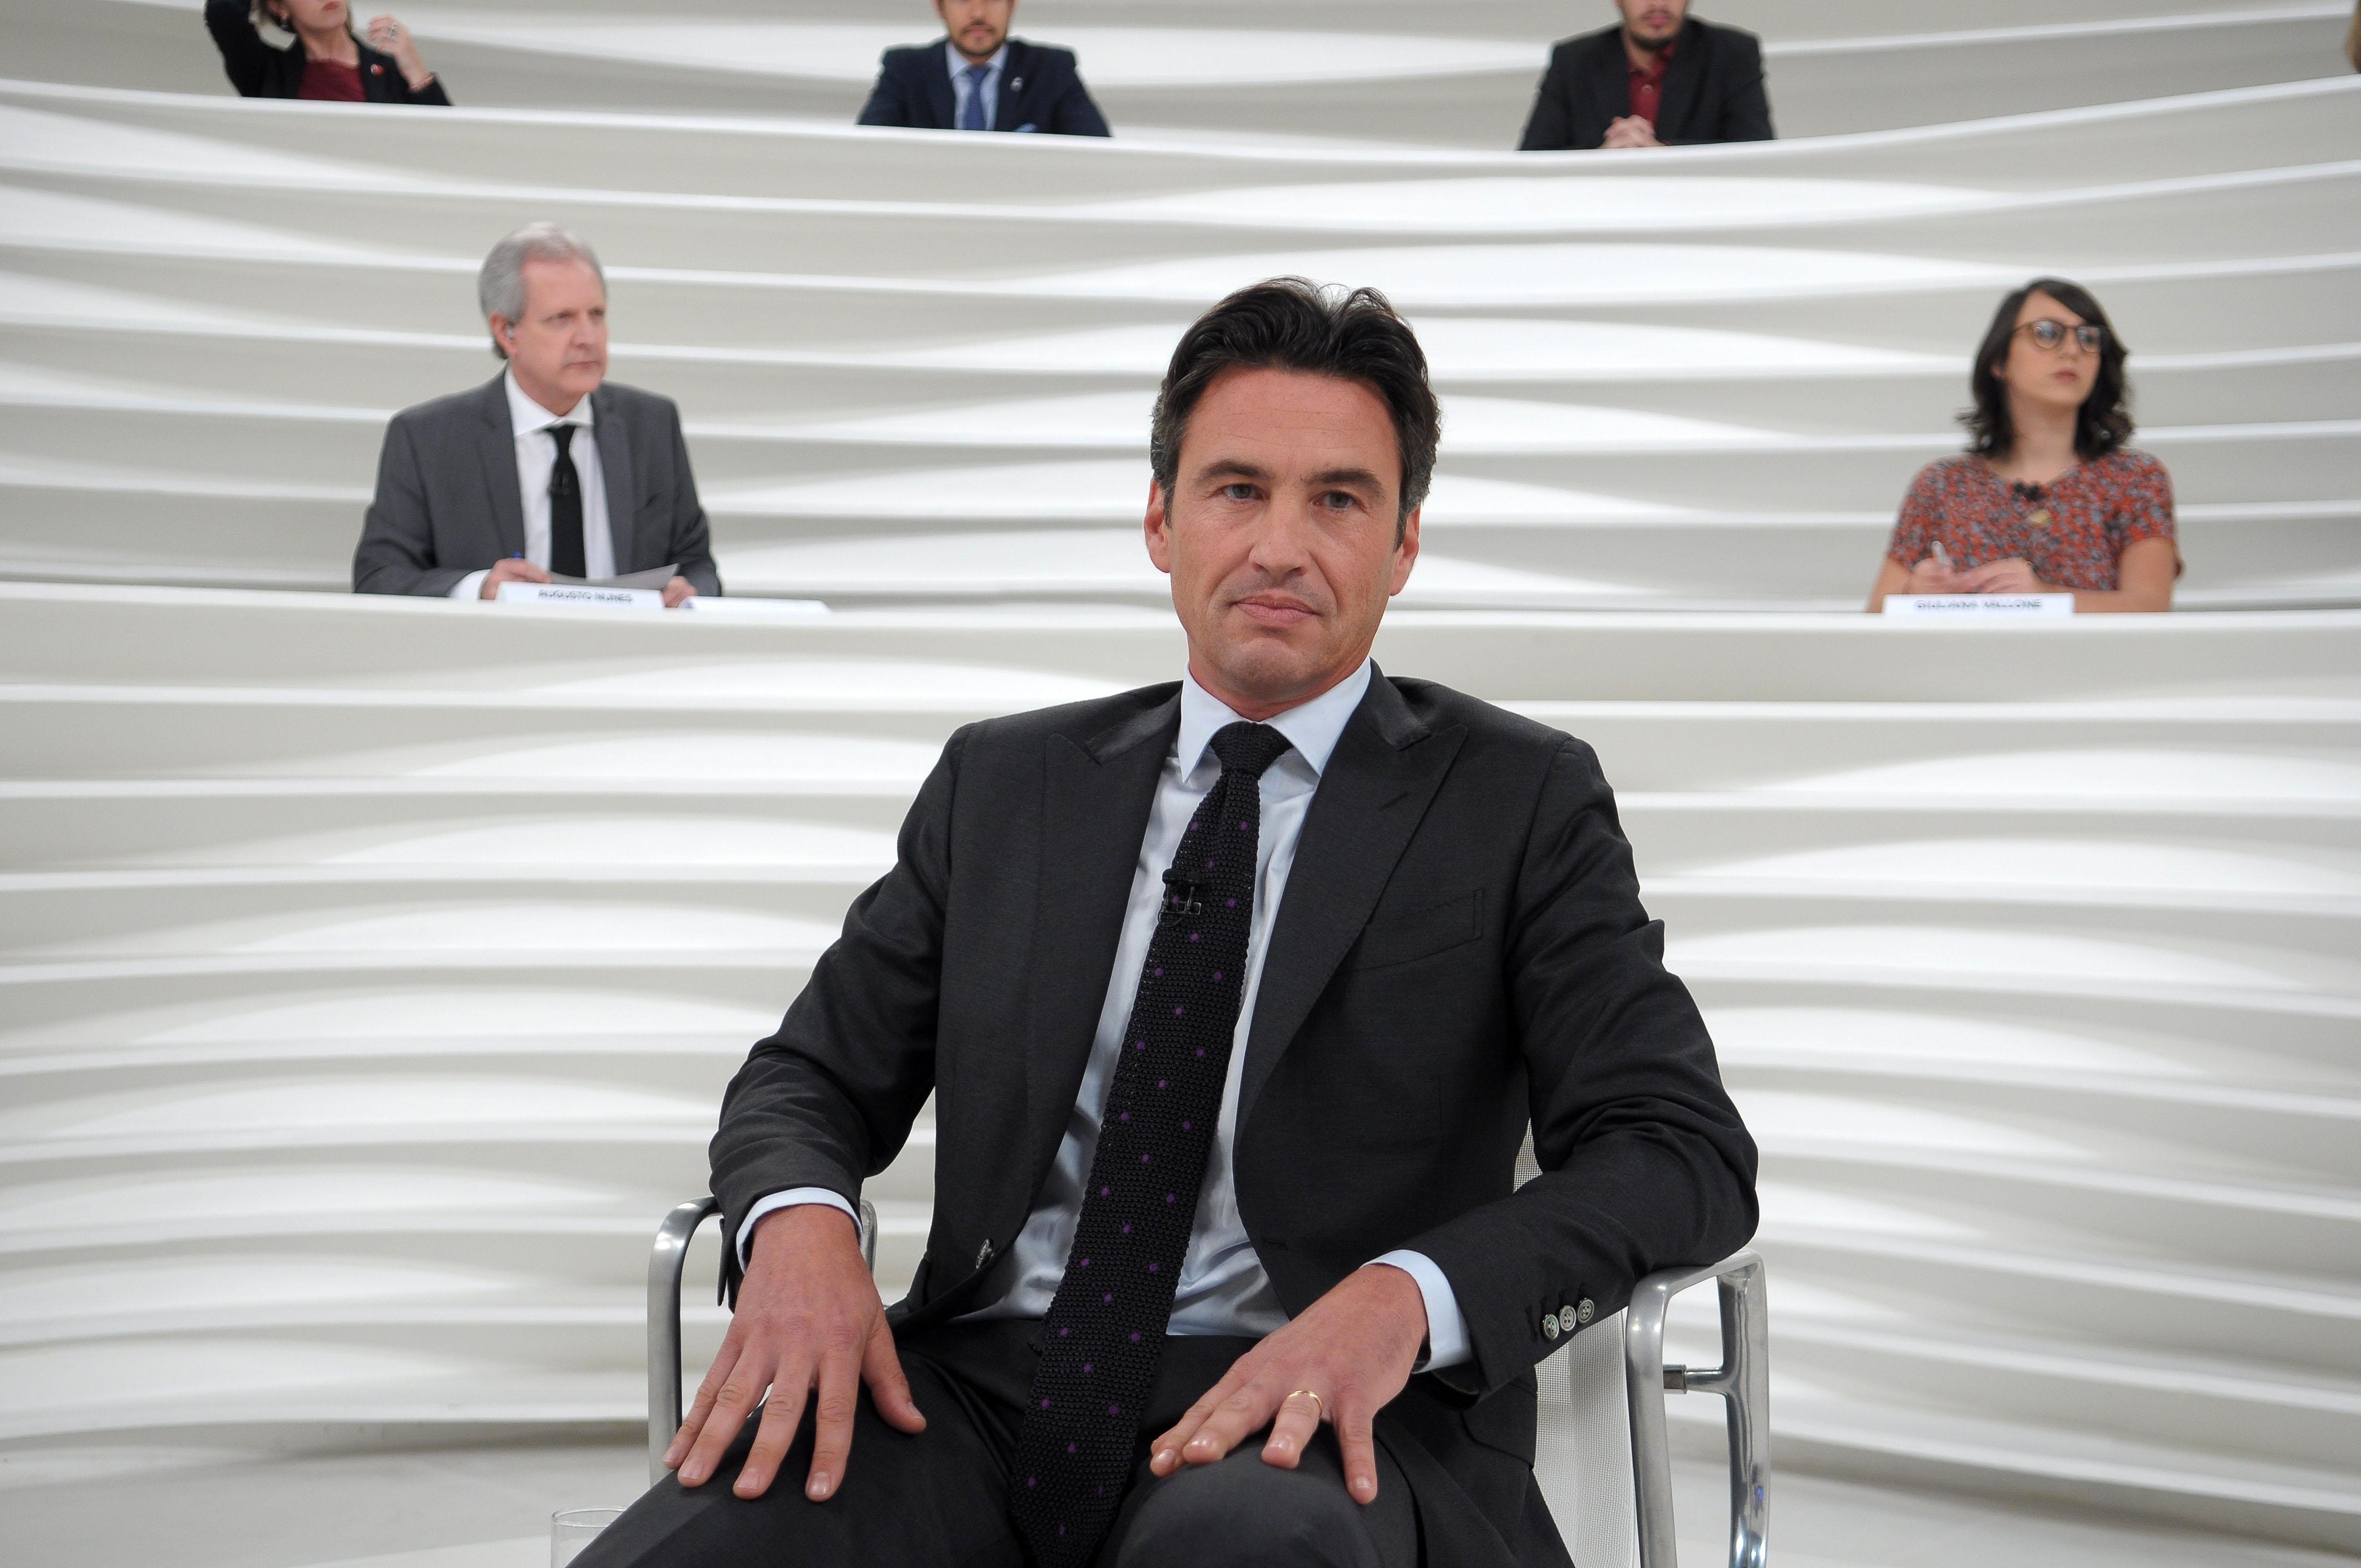 Damien Loras fala dos atentados terroristas em território francês, entre outros assuntos, no programa desta quinta-feira (11/8), às 23h30, na TV Cultura